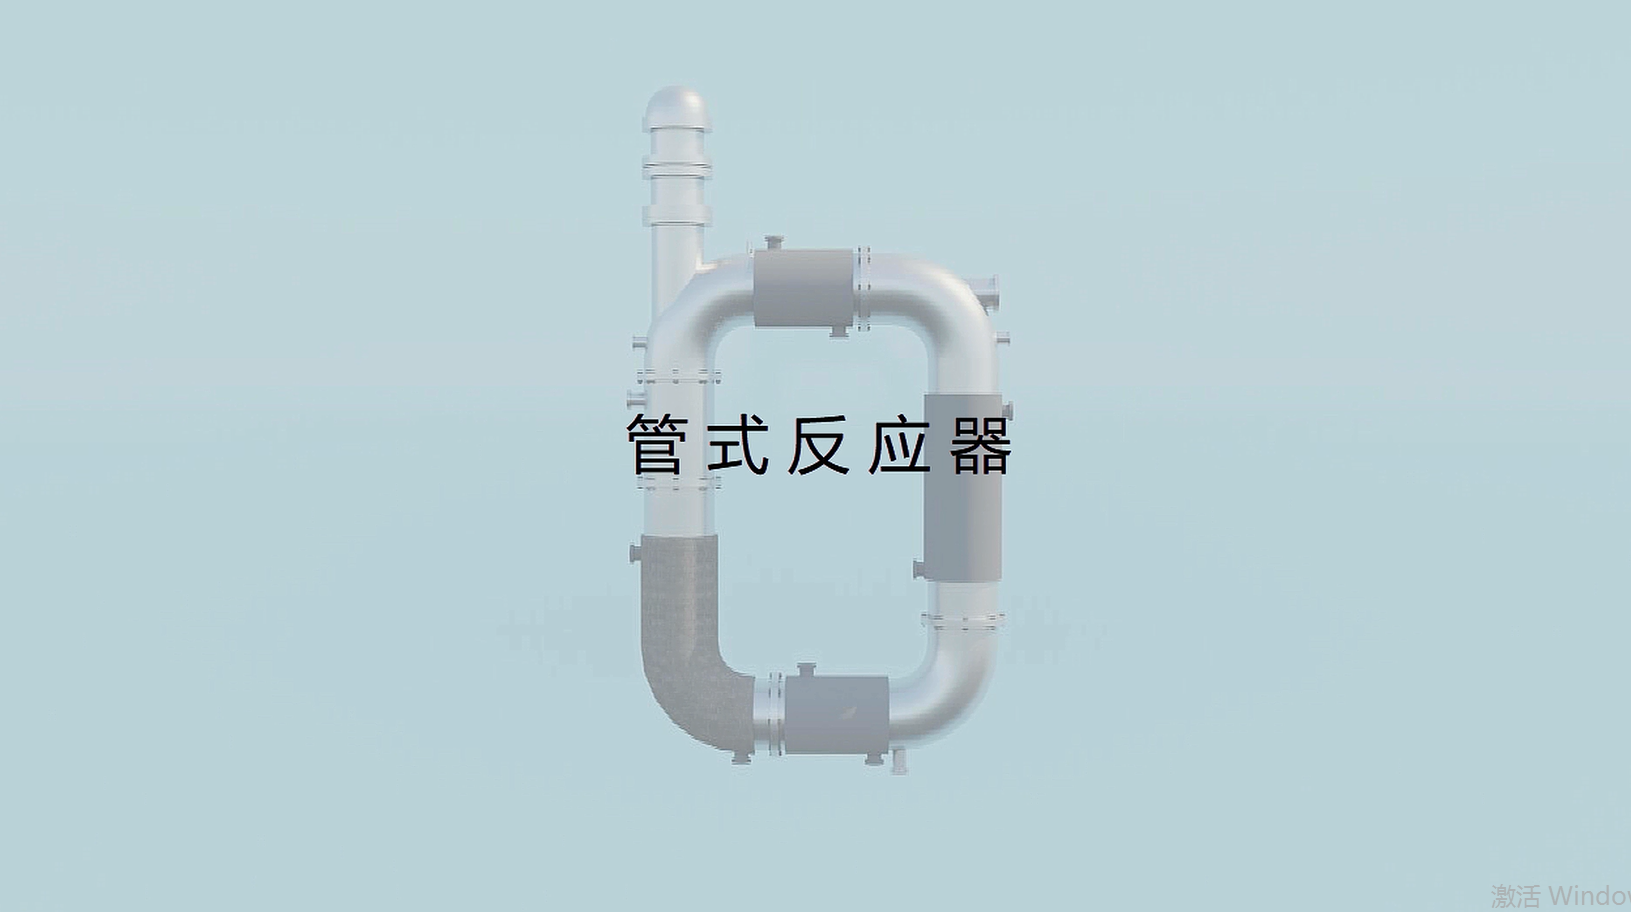 化工出版社富媒体教程视频采购工业设备拼装动画工业设计